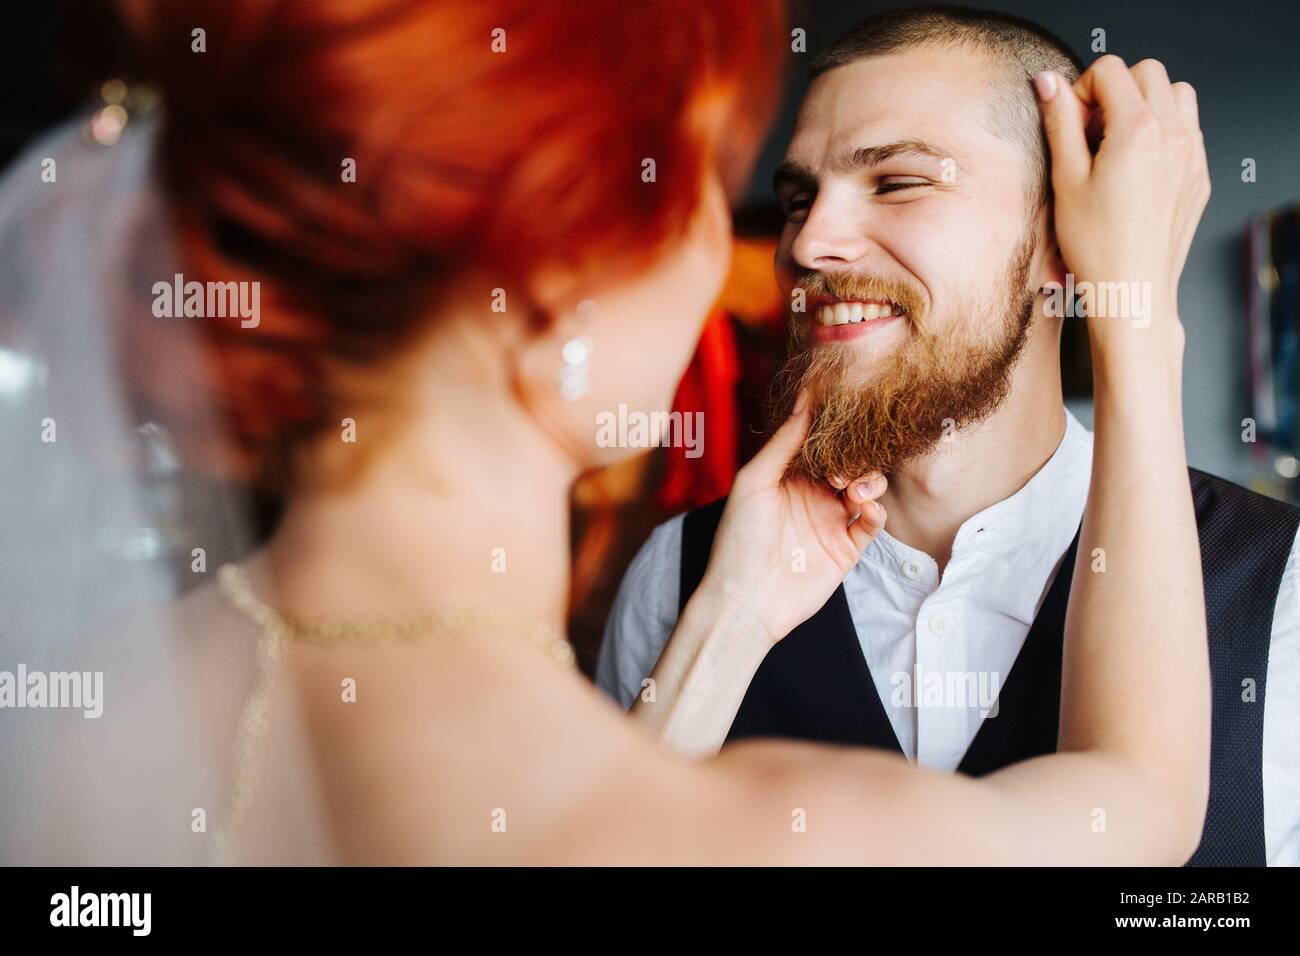 Die Brautpflege ihres zukünftigen Ehemannes in einem hellen Raum vor der Trauung Stockfoto